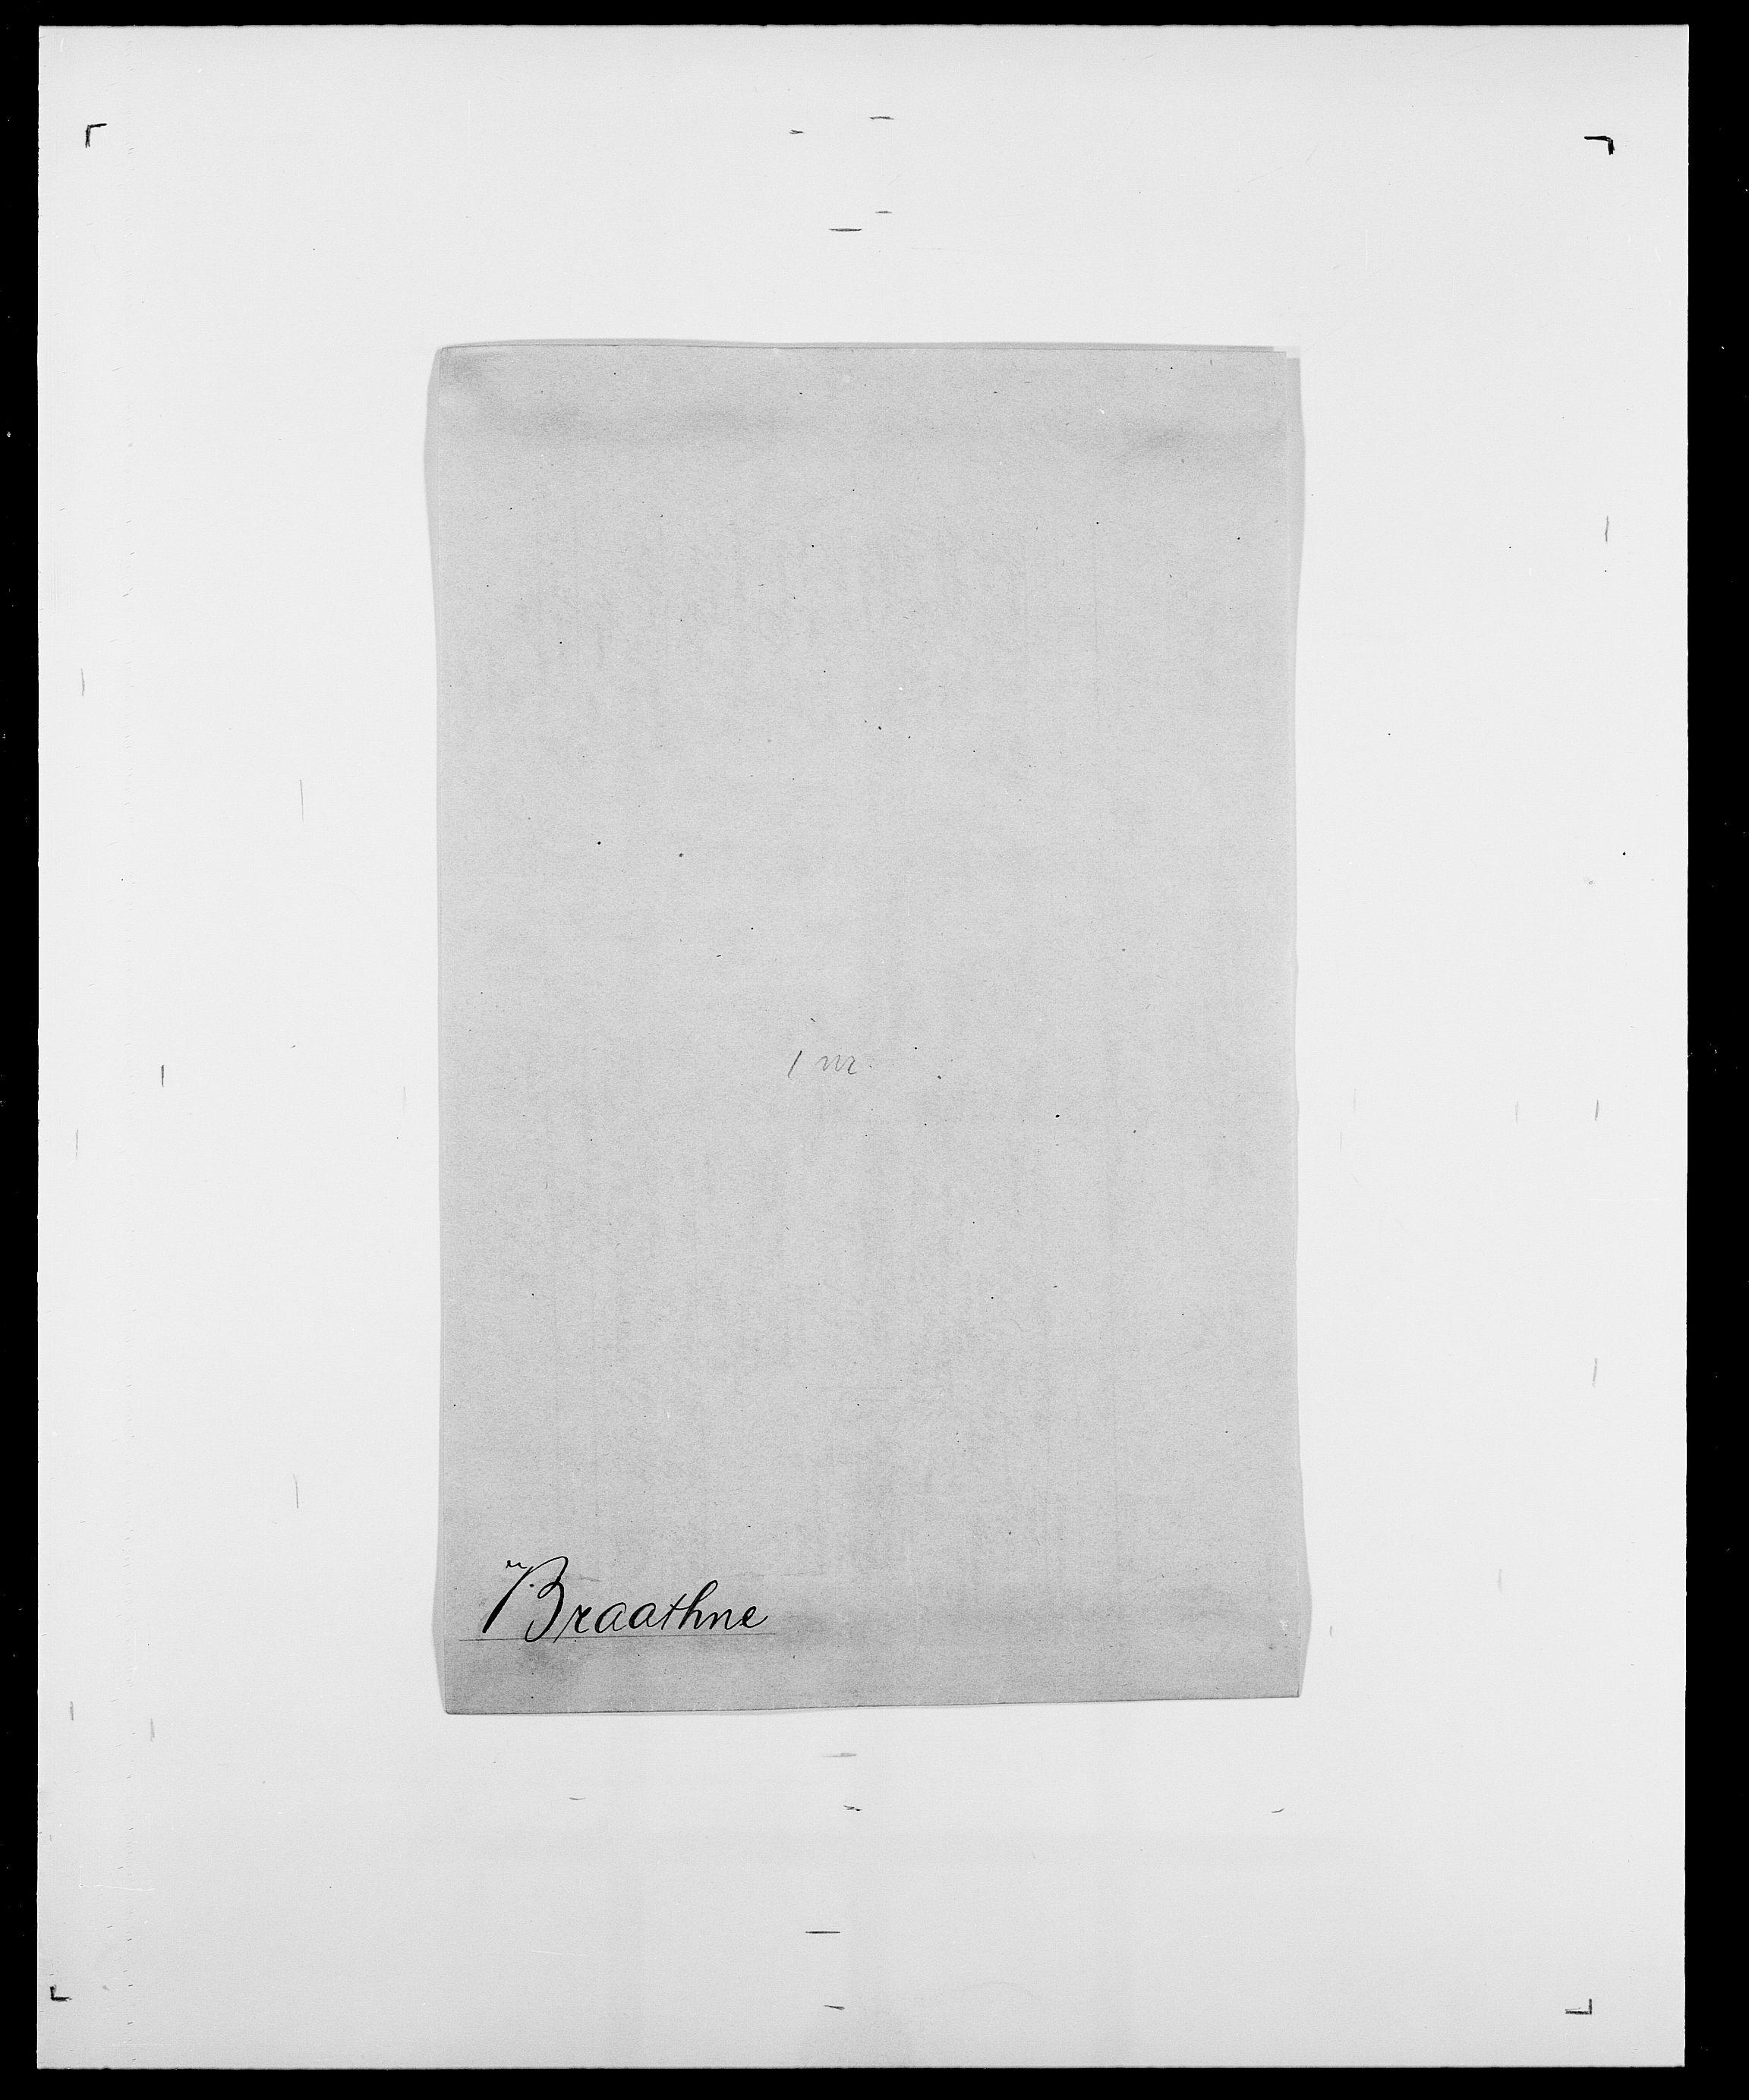 SAO, Delgobe, Charles Antoine - samling, D/Da/L0005: Boalth - Brahm, s. 429